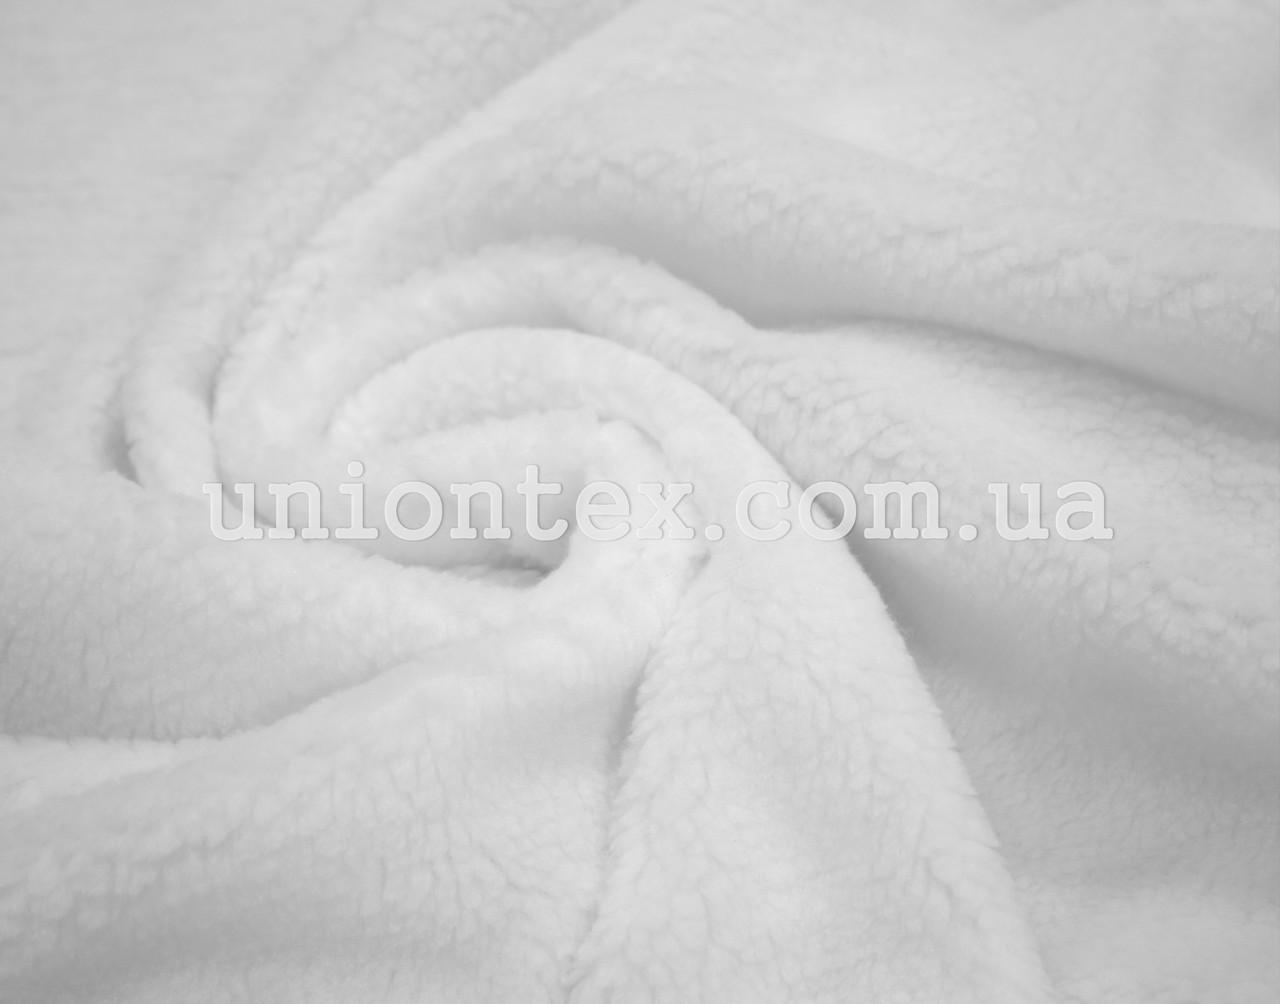 Мех искусственный овчина белая - Оптово-розничный магазин тканей и швейной  фурнитуры Юнионтекс. в be4ac13965d